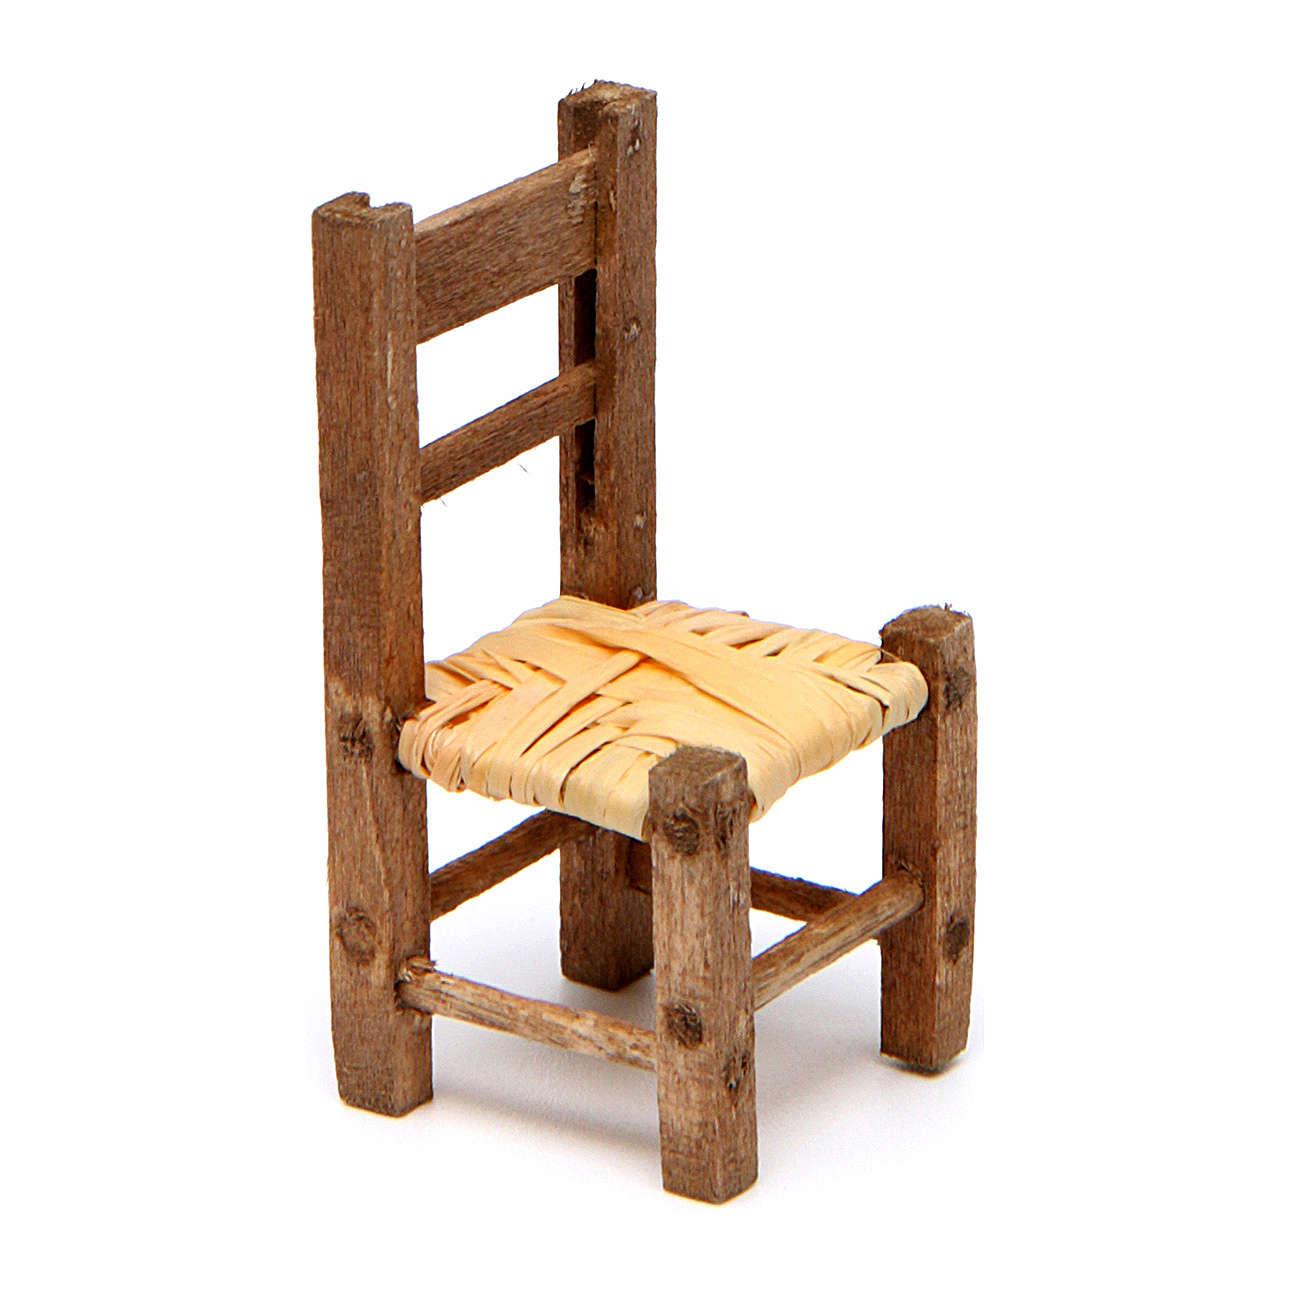 Silla belén empajada de madera 3,5x2x2 cm 4